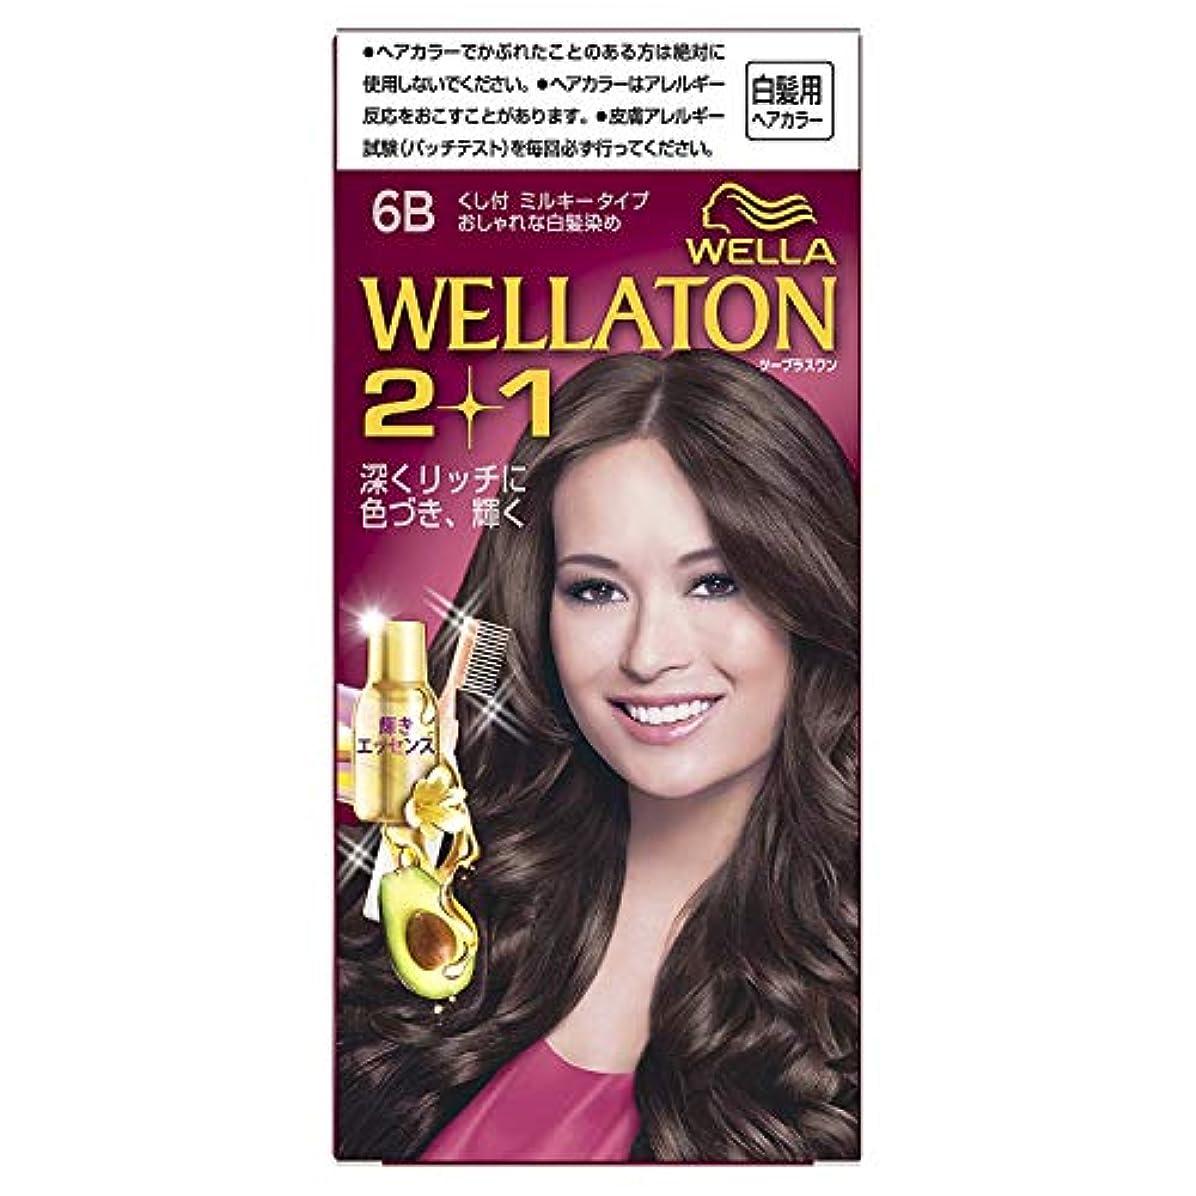 ウエラトーン2+1 くし付ミルキータイプ 6B [医薬部外品] ×6個